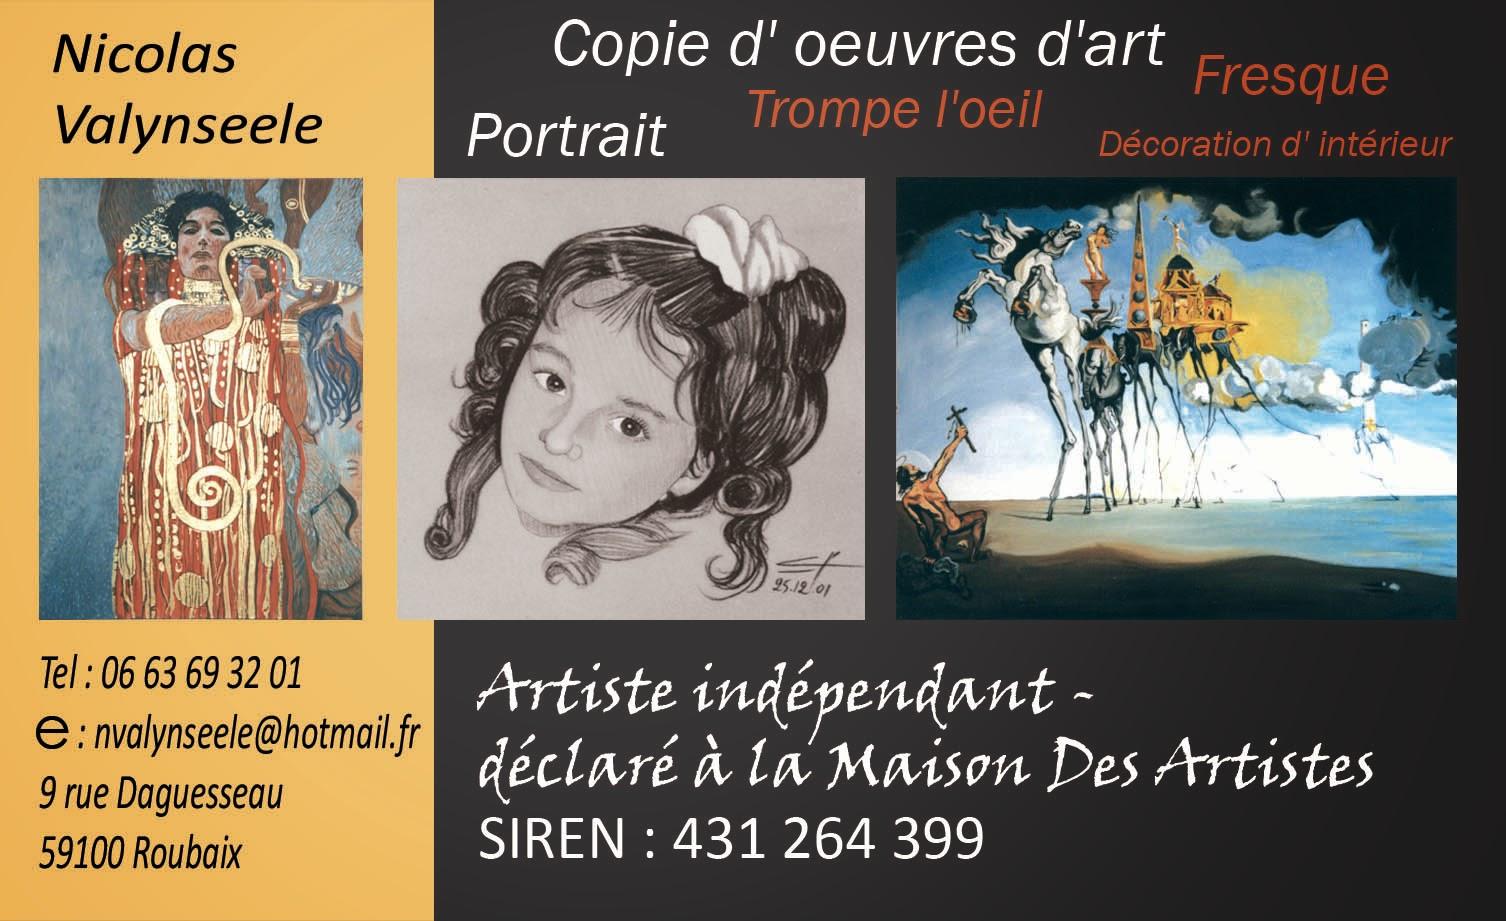 Artiste Indpendant Depuis 2000 Dclar La Maison Des Artistes Nicolas A Fait Ses Tudes LERSEP De